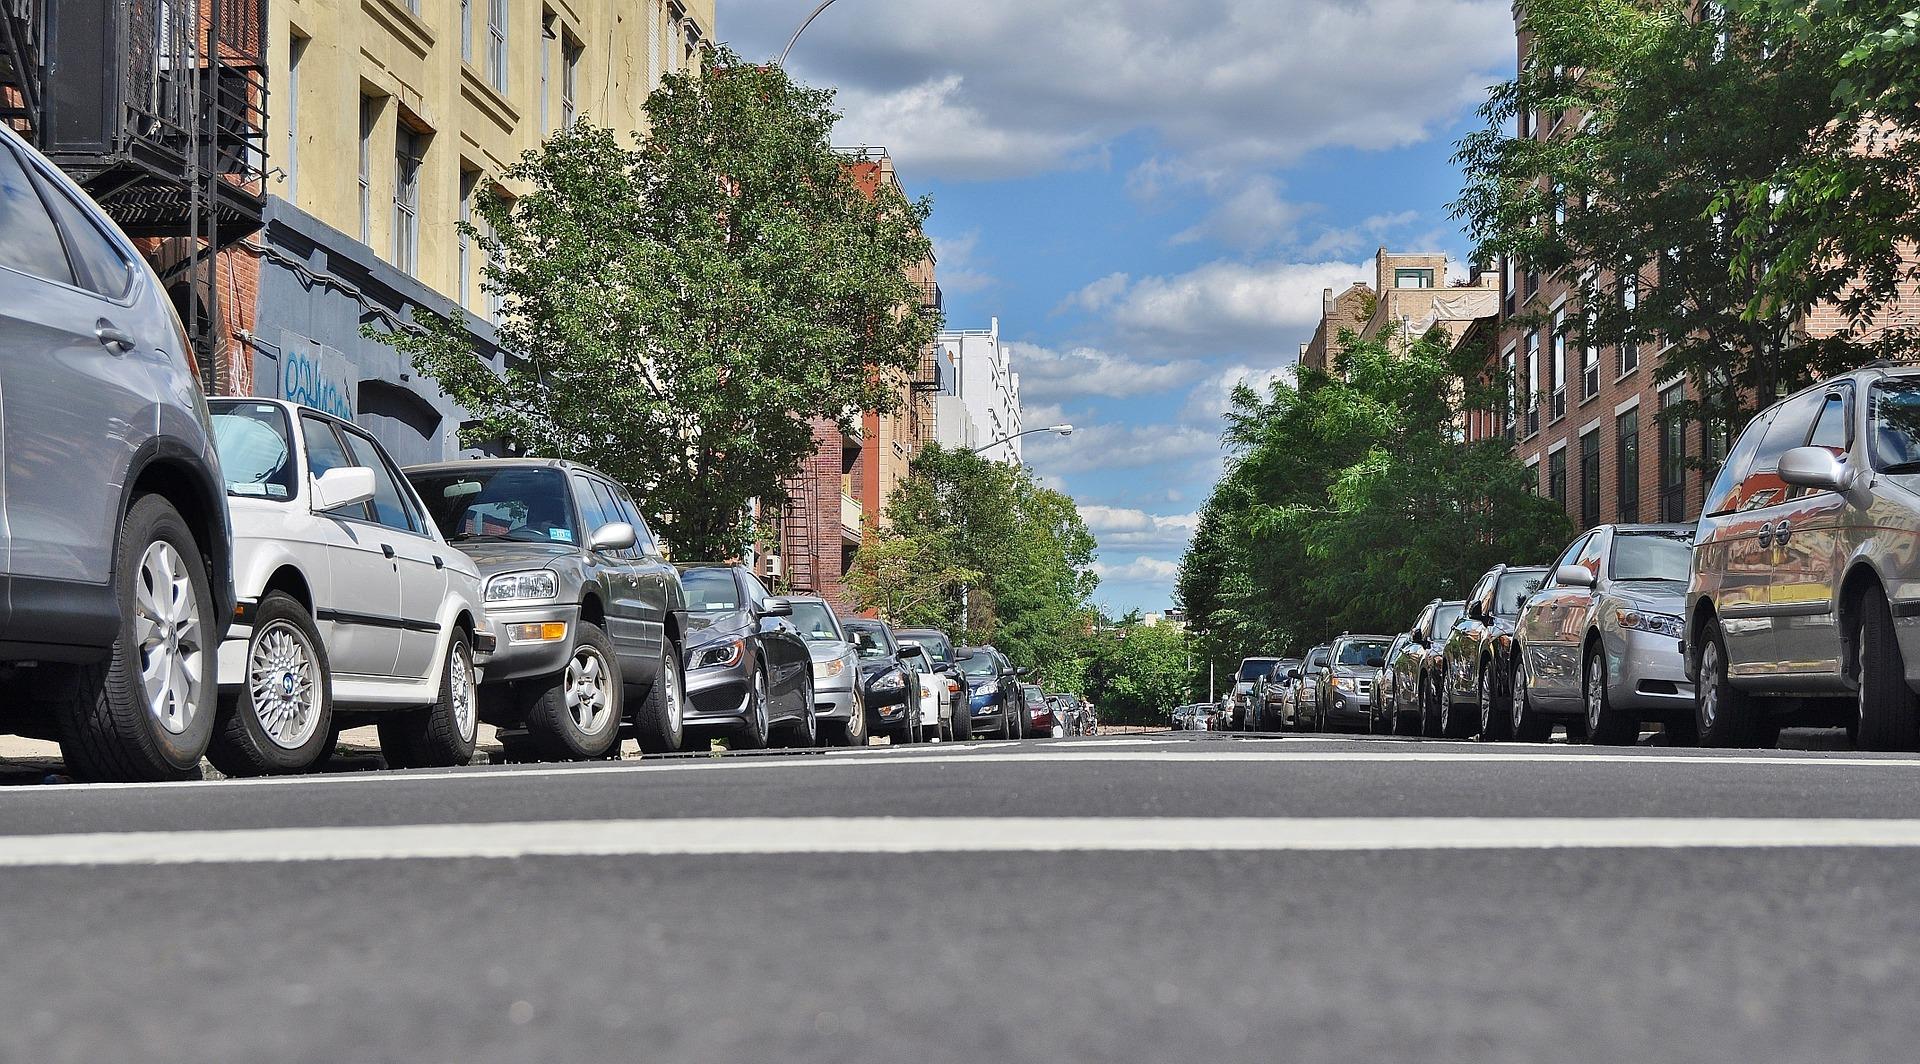 parkovani-v-zps-v-dobe-vanocnich-prazdnin-23-12-2020-3-1-2021